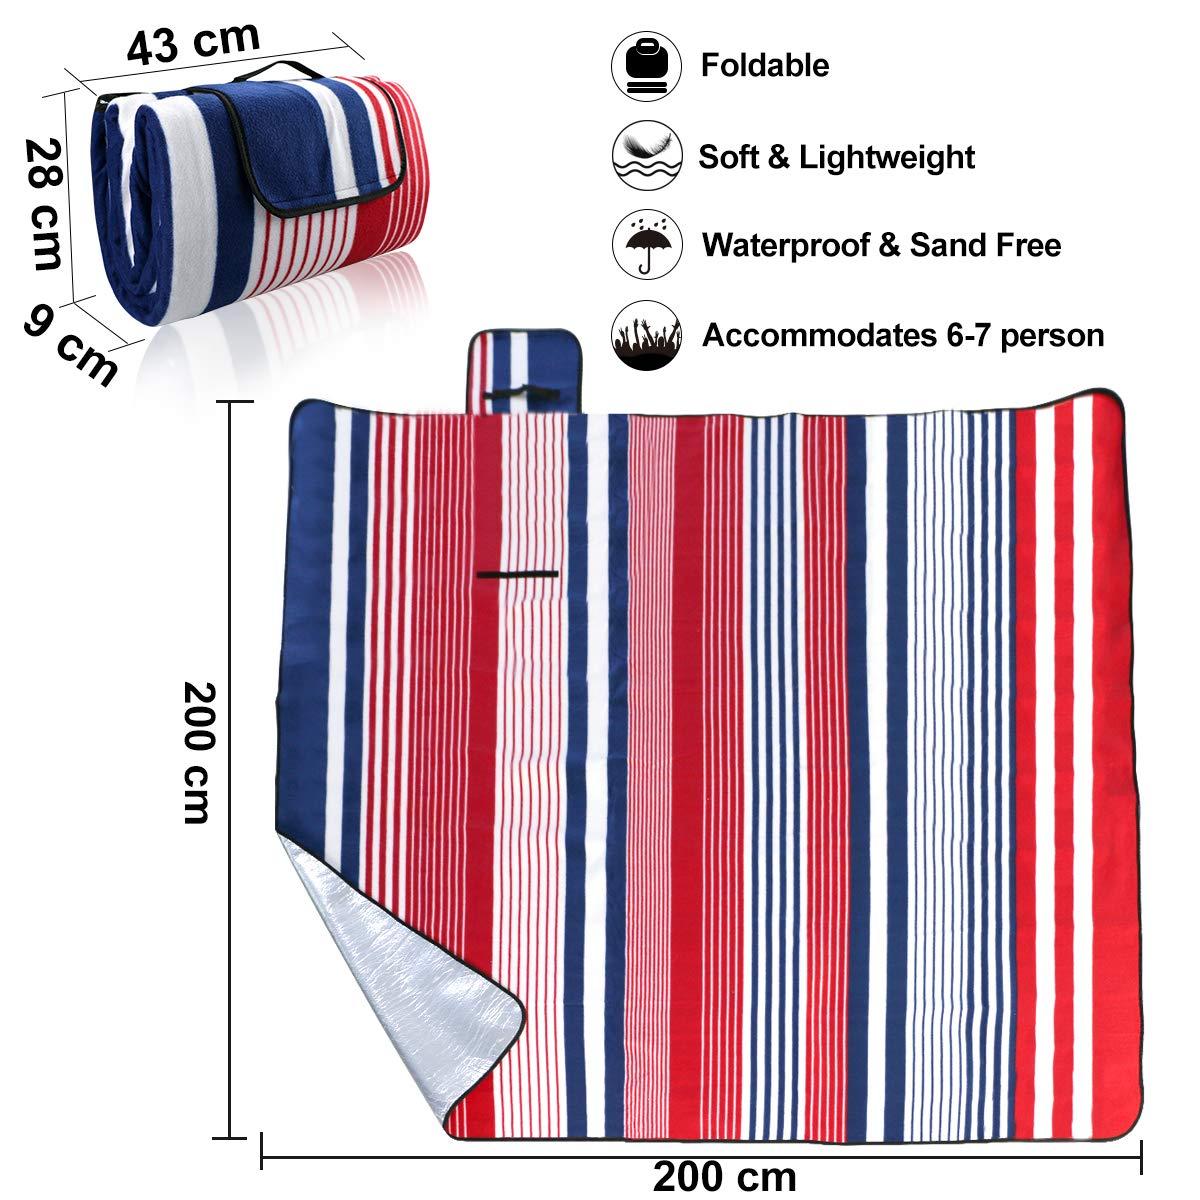 200 X 200 cm Portatile Tappeto da campeggio con manico per Pic-nic Beach Campeggio Allaperto a strisce Weeygo Impermeabile Coperta da Picnic